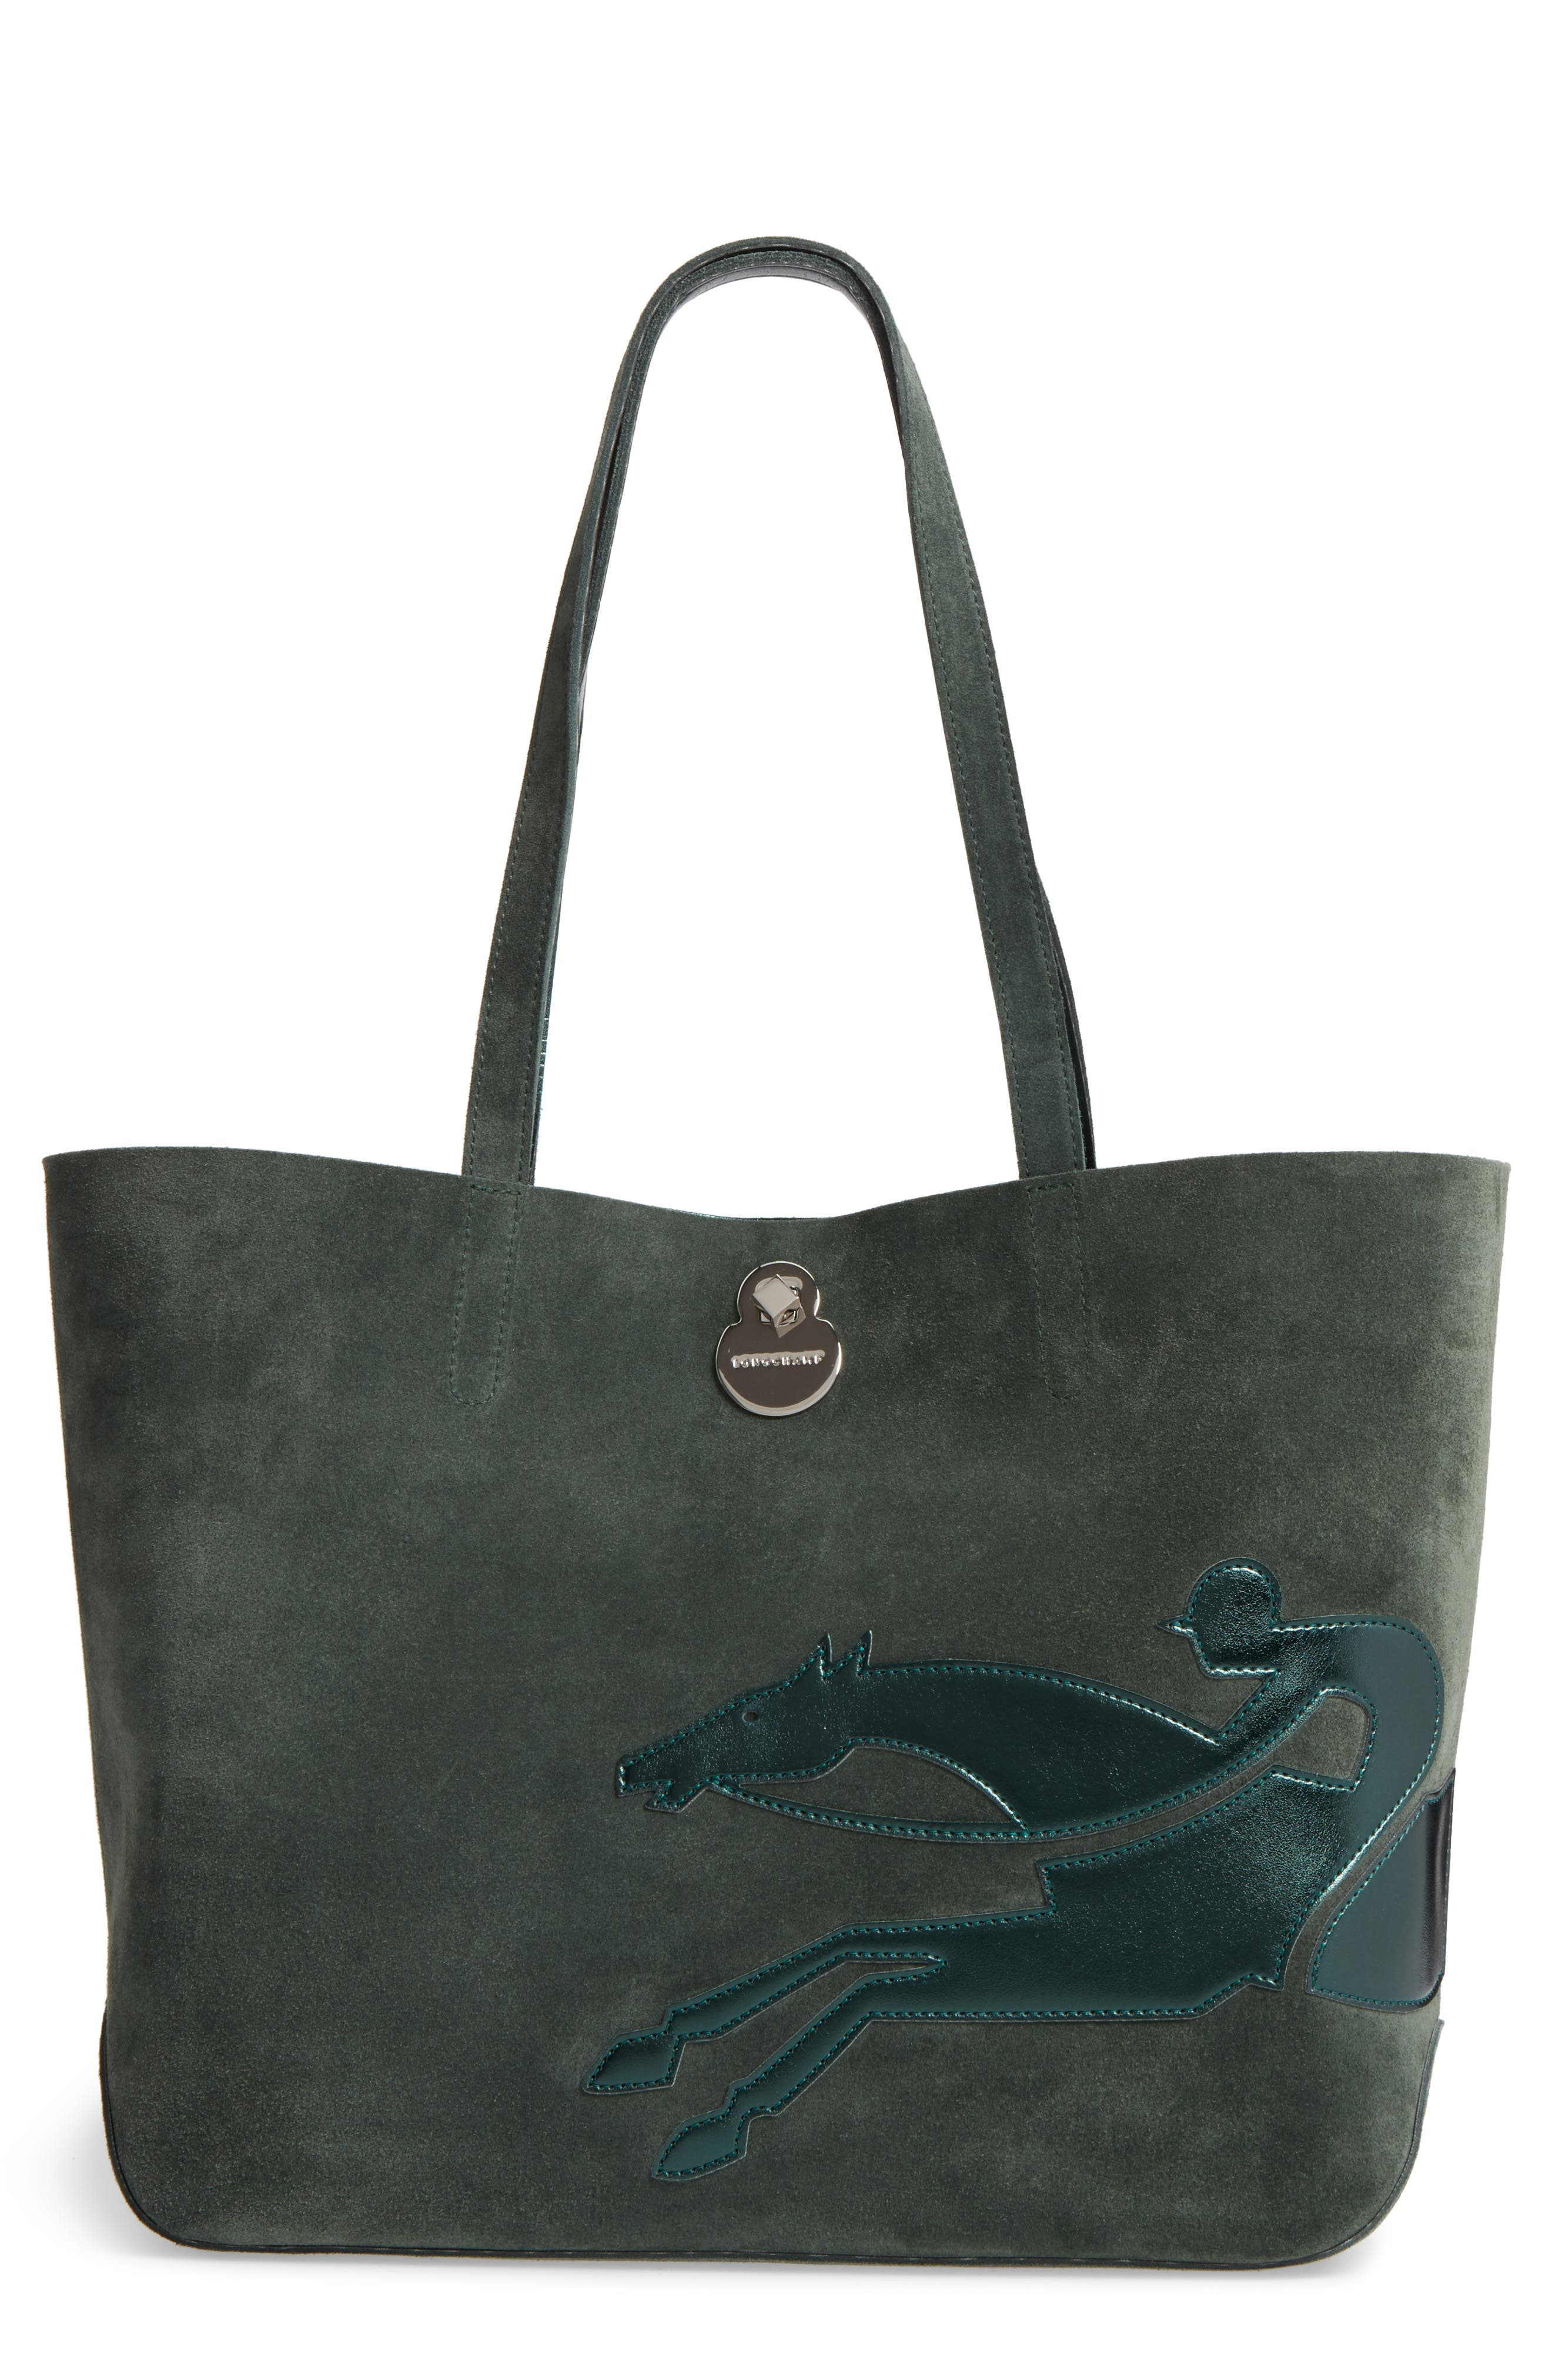 Main Image - Longchamp Shop It Suede Tote